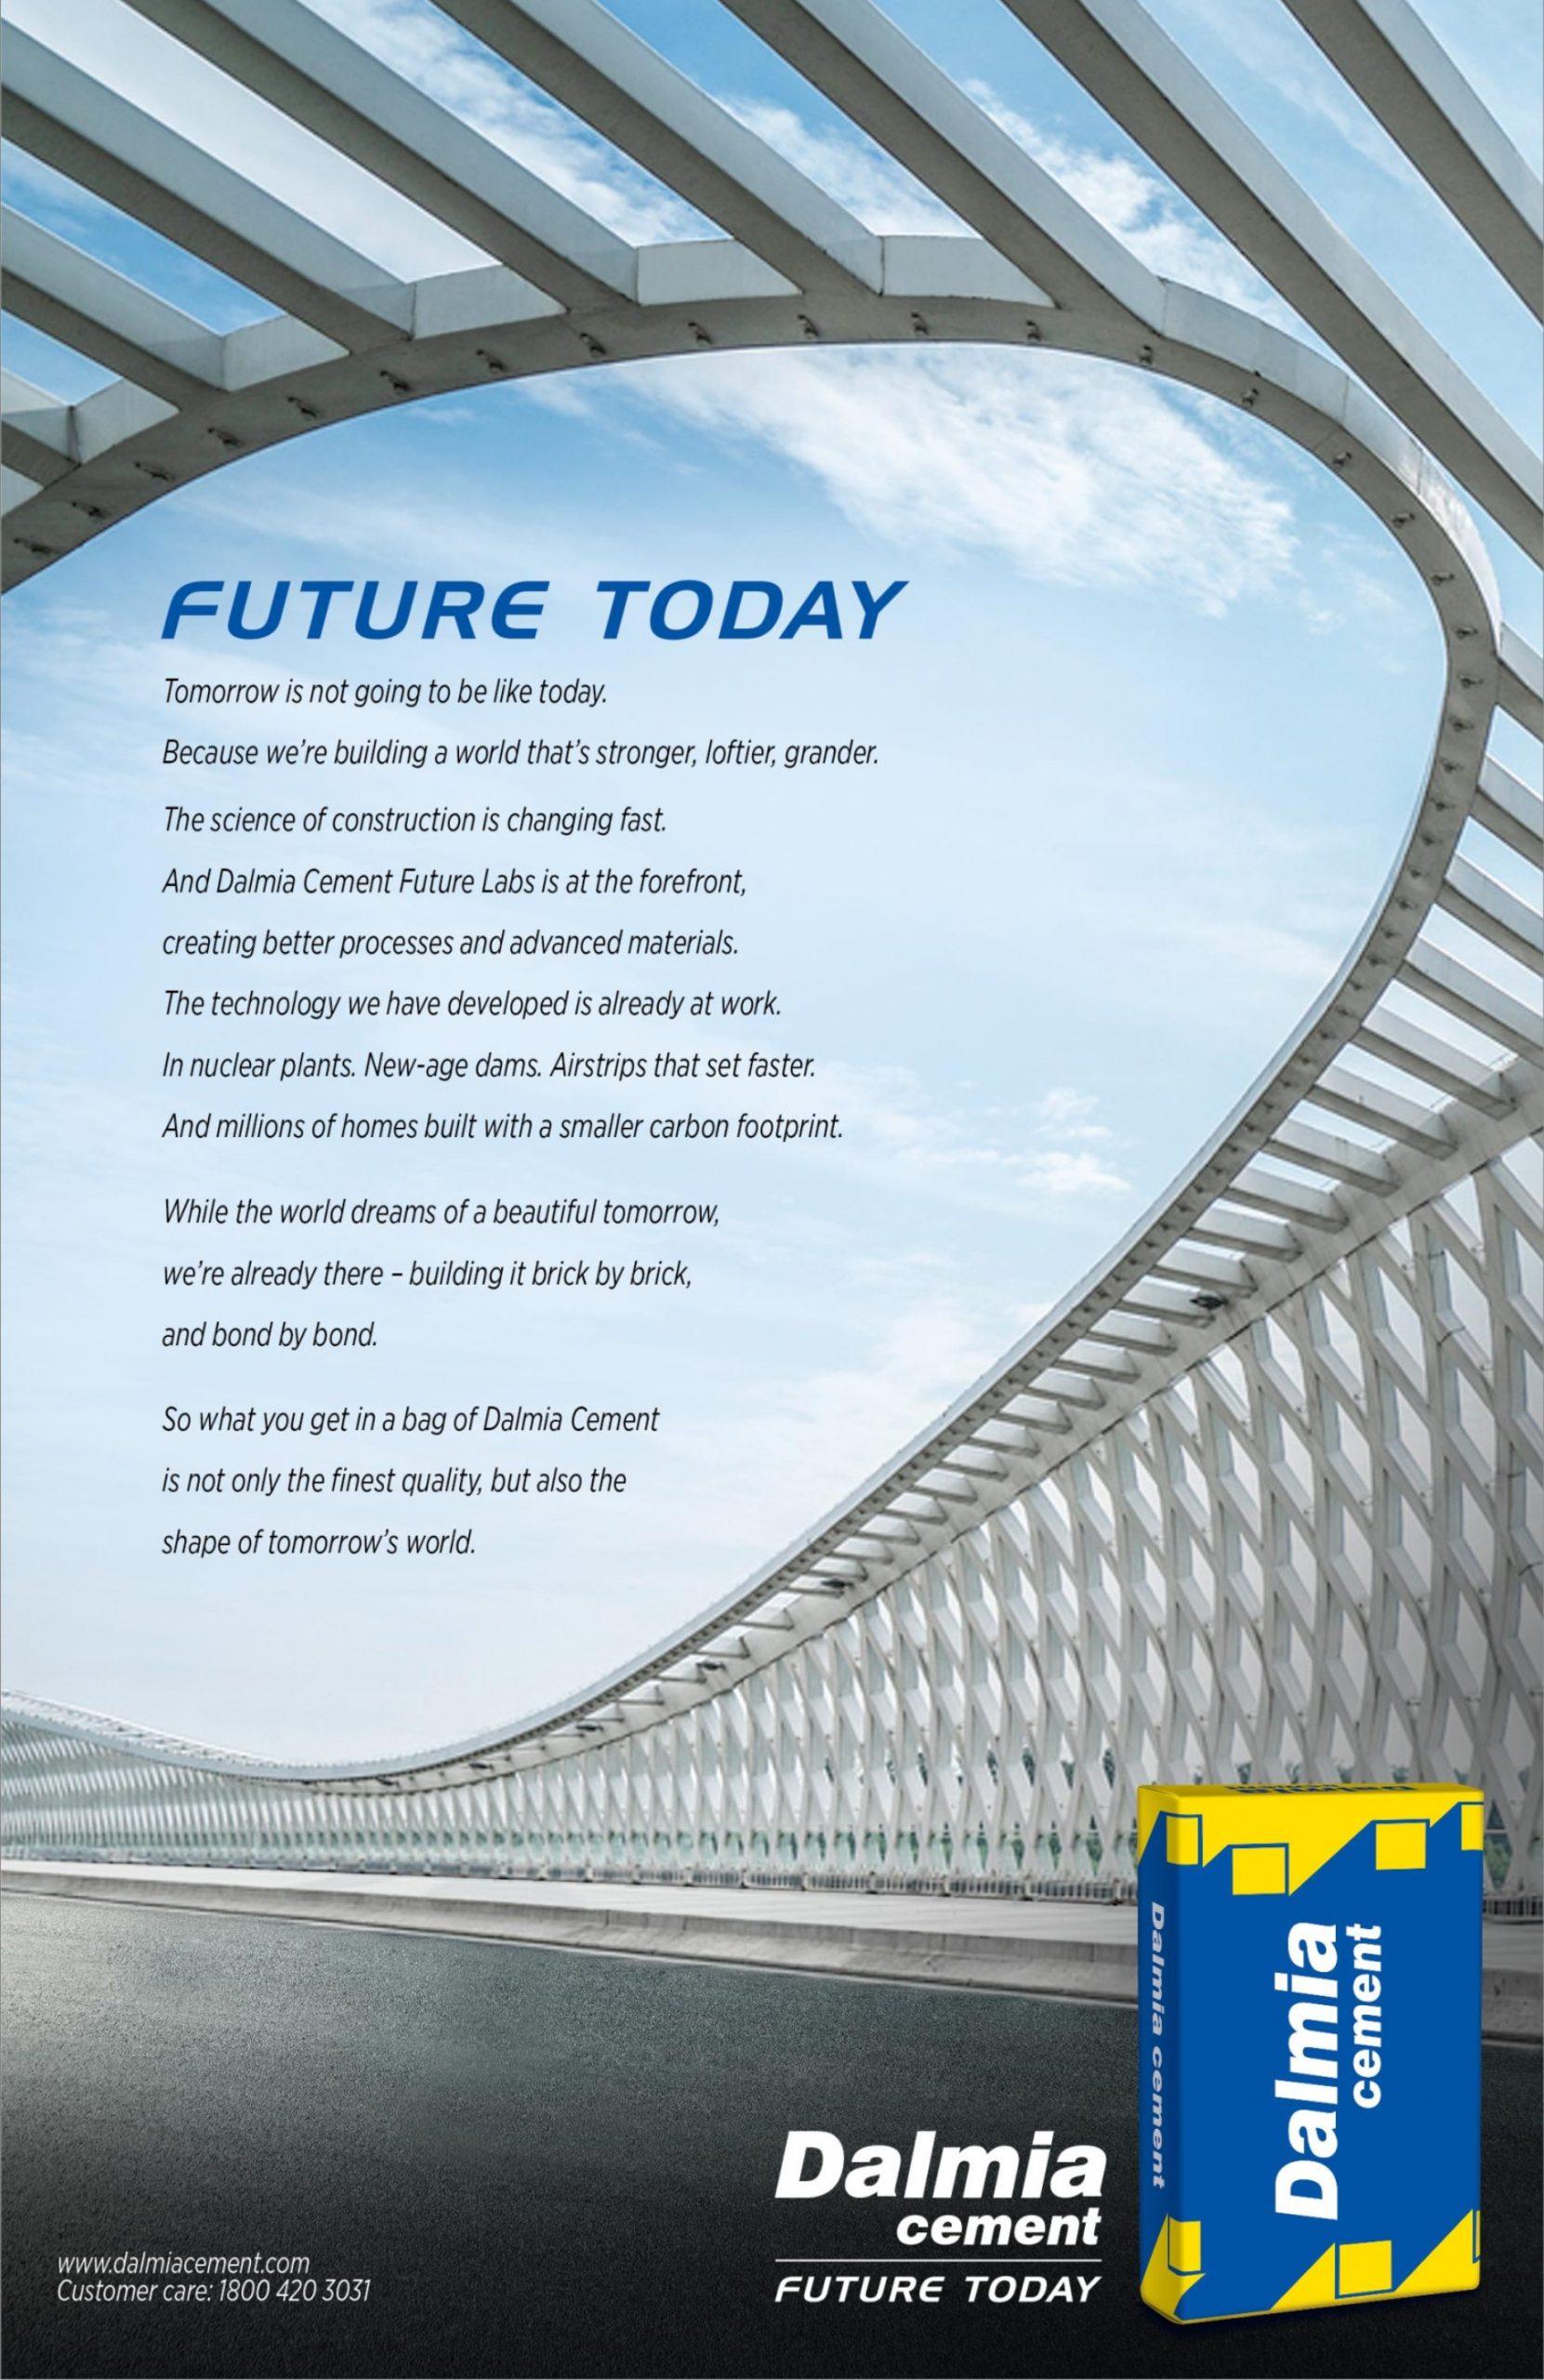 Dalmia Cement Future Today